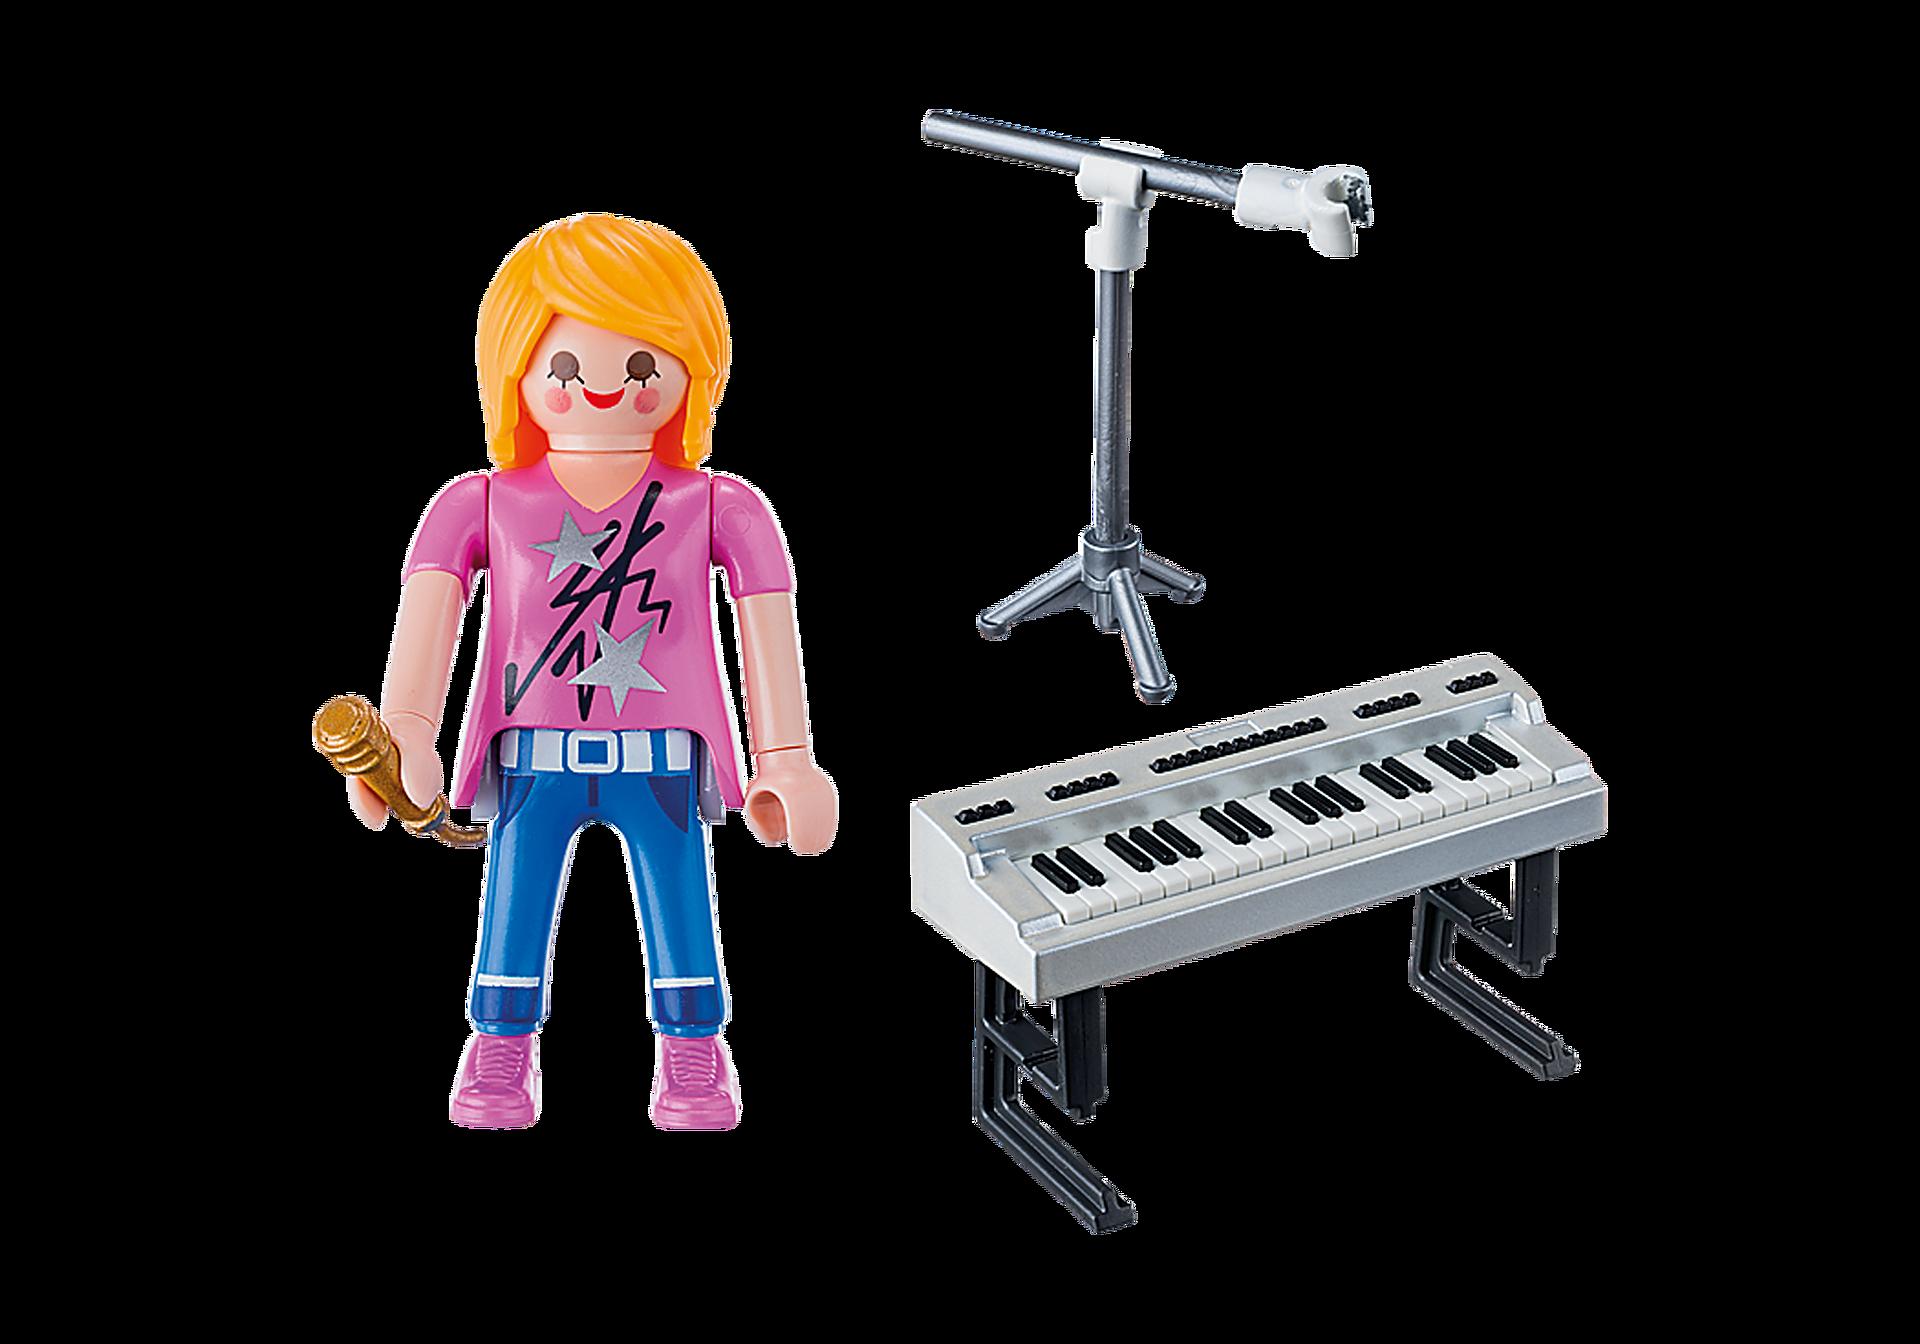 9095 Sanger med keyboard zoom image4